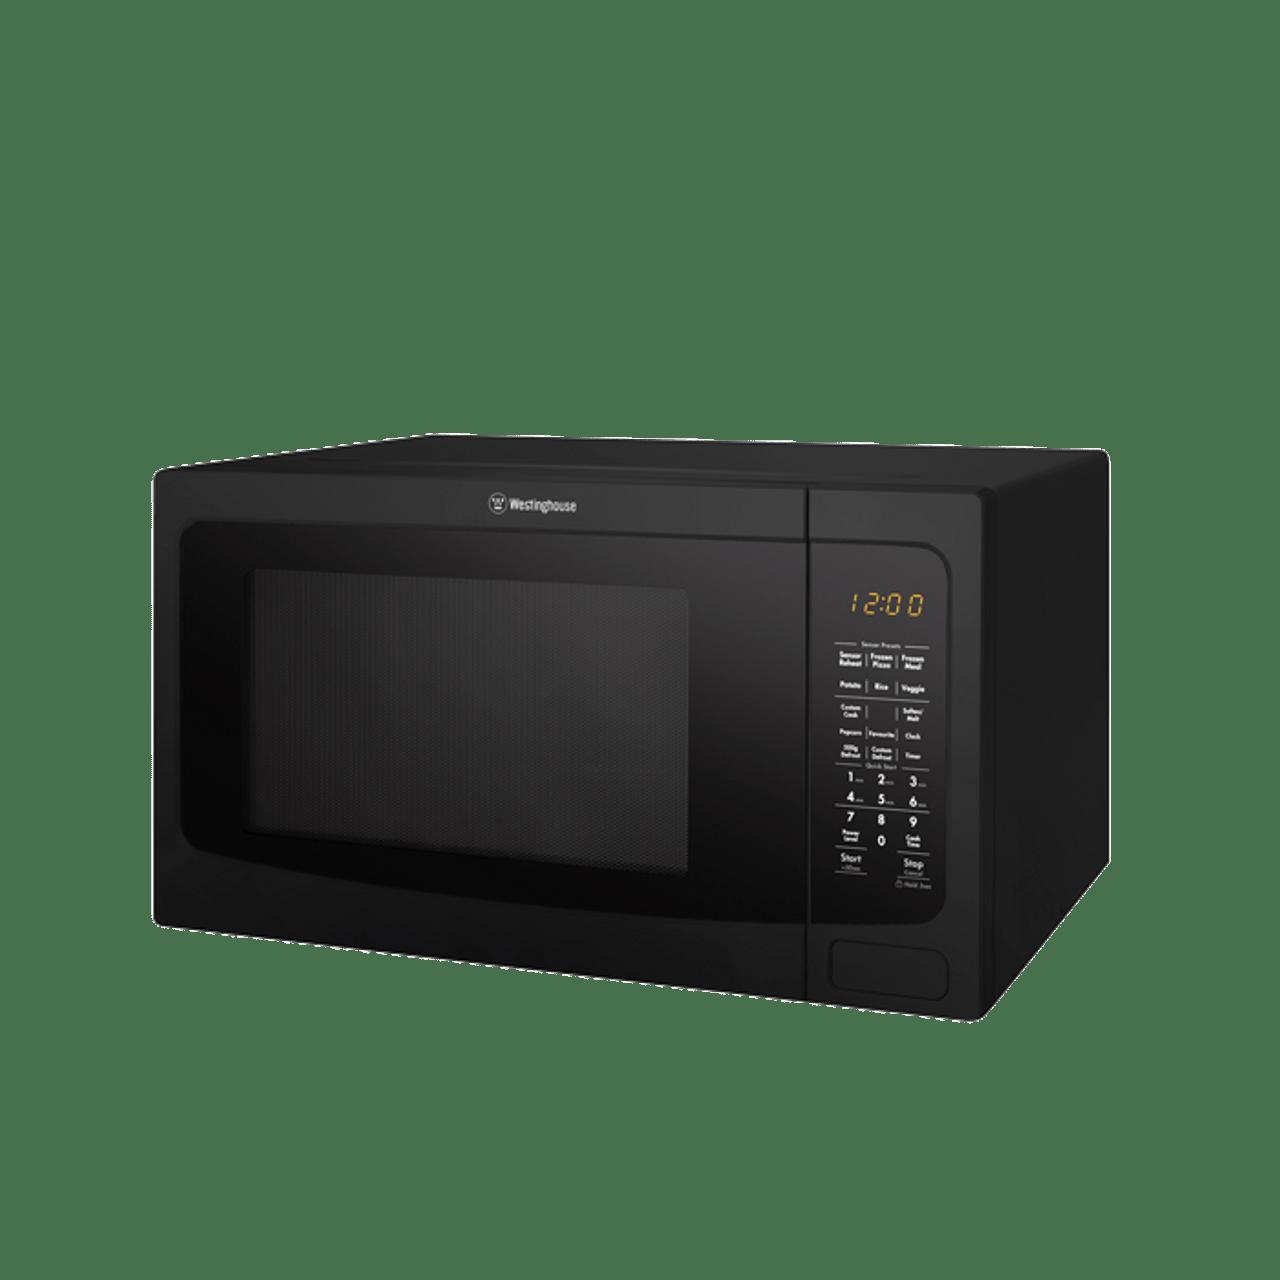 wmf4102ba 40l countertop microwave oven black finish